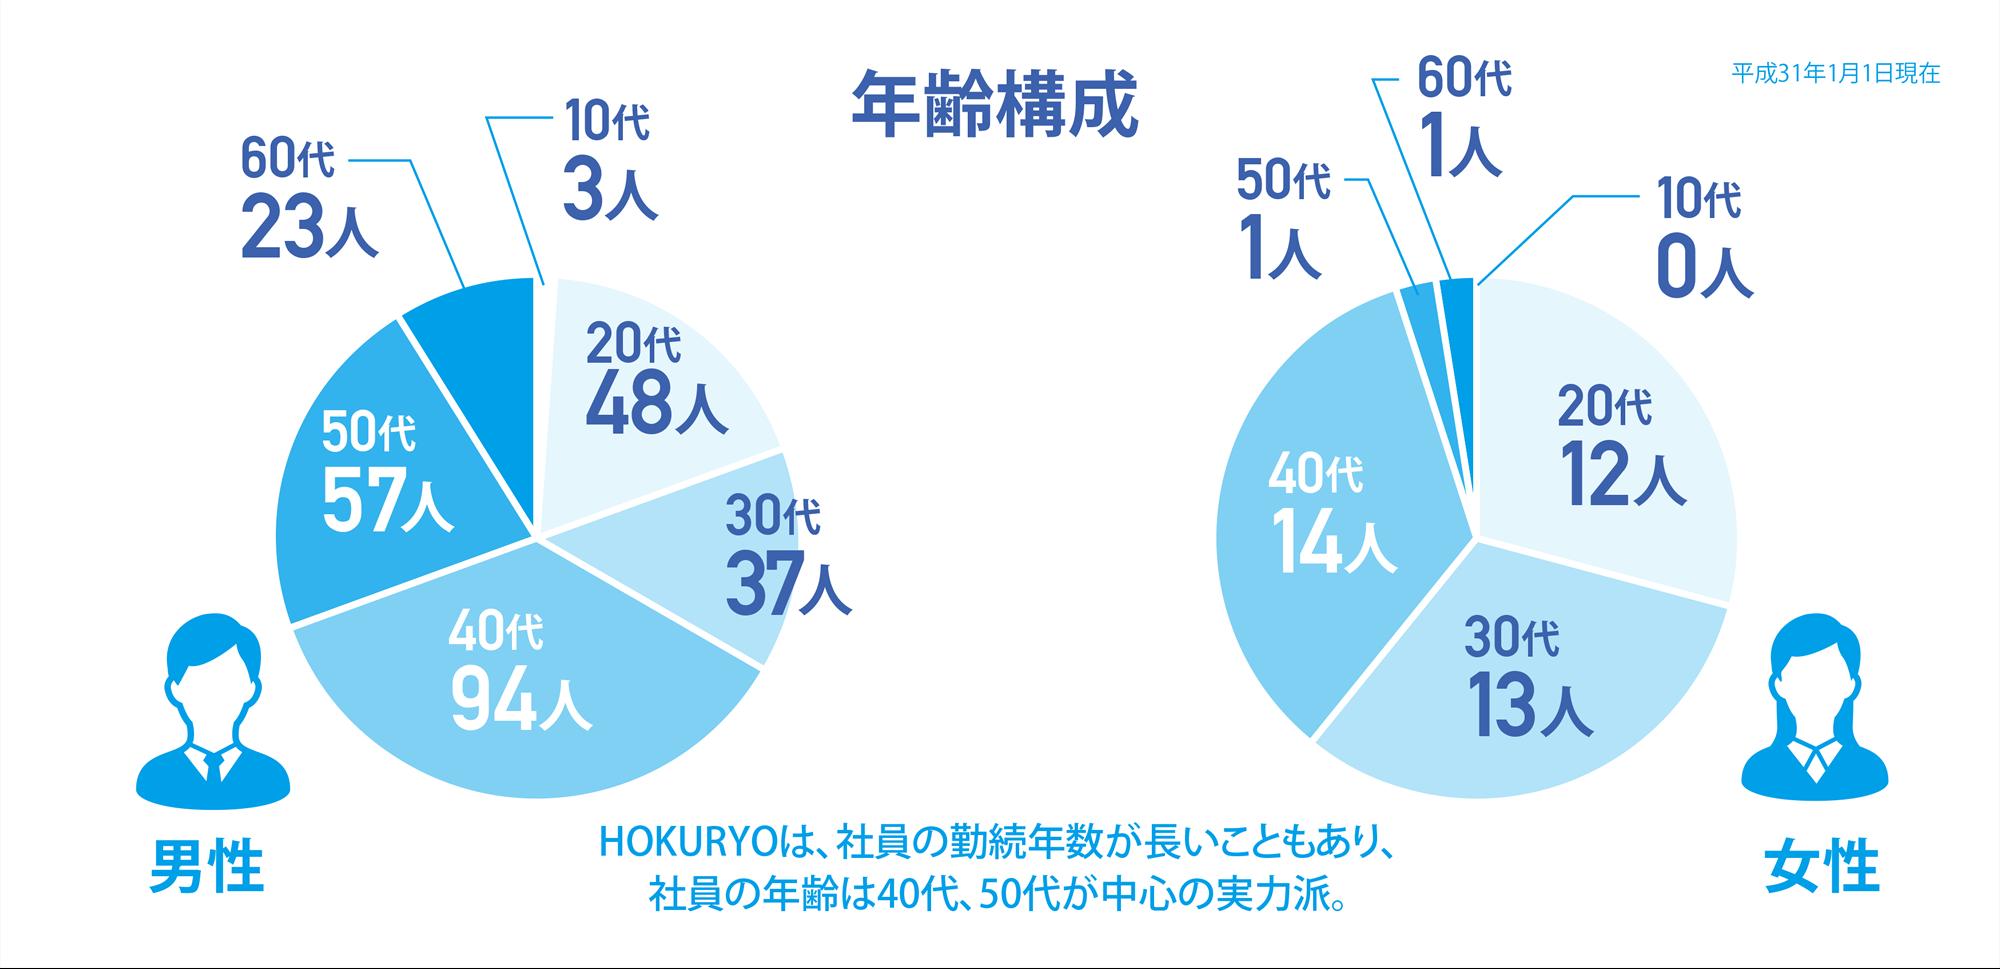 [年齢構成]HOKURYOは、社員の勤続年数が長いこともあり、社員の年齢は40代、50代が中心の実力派。